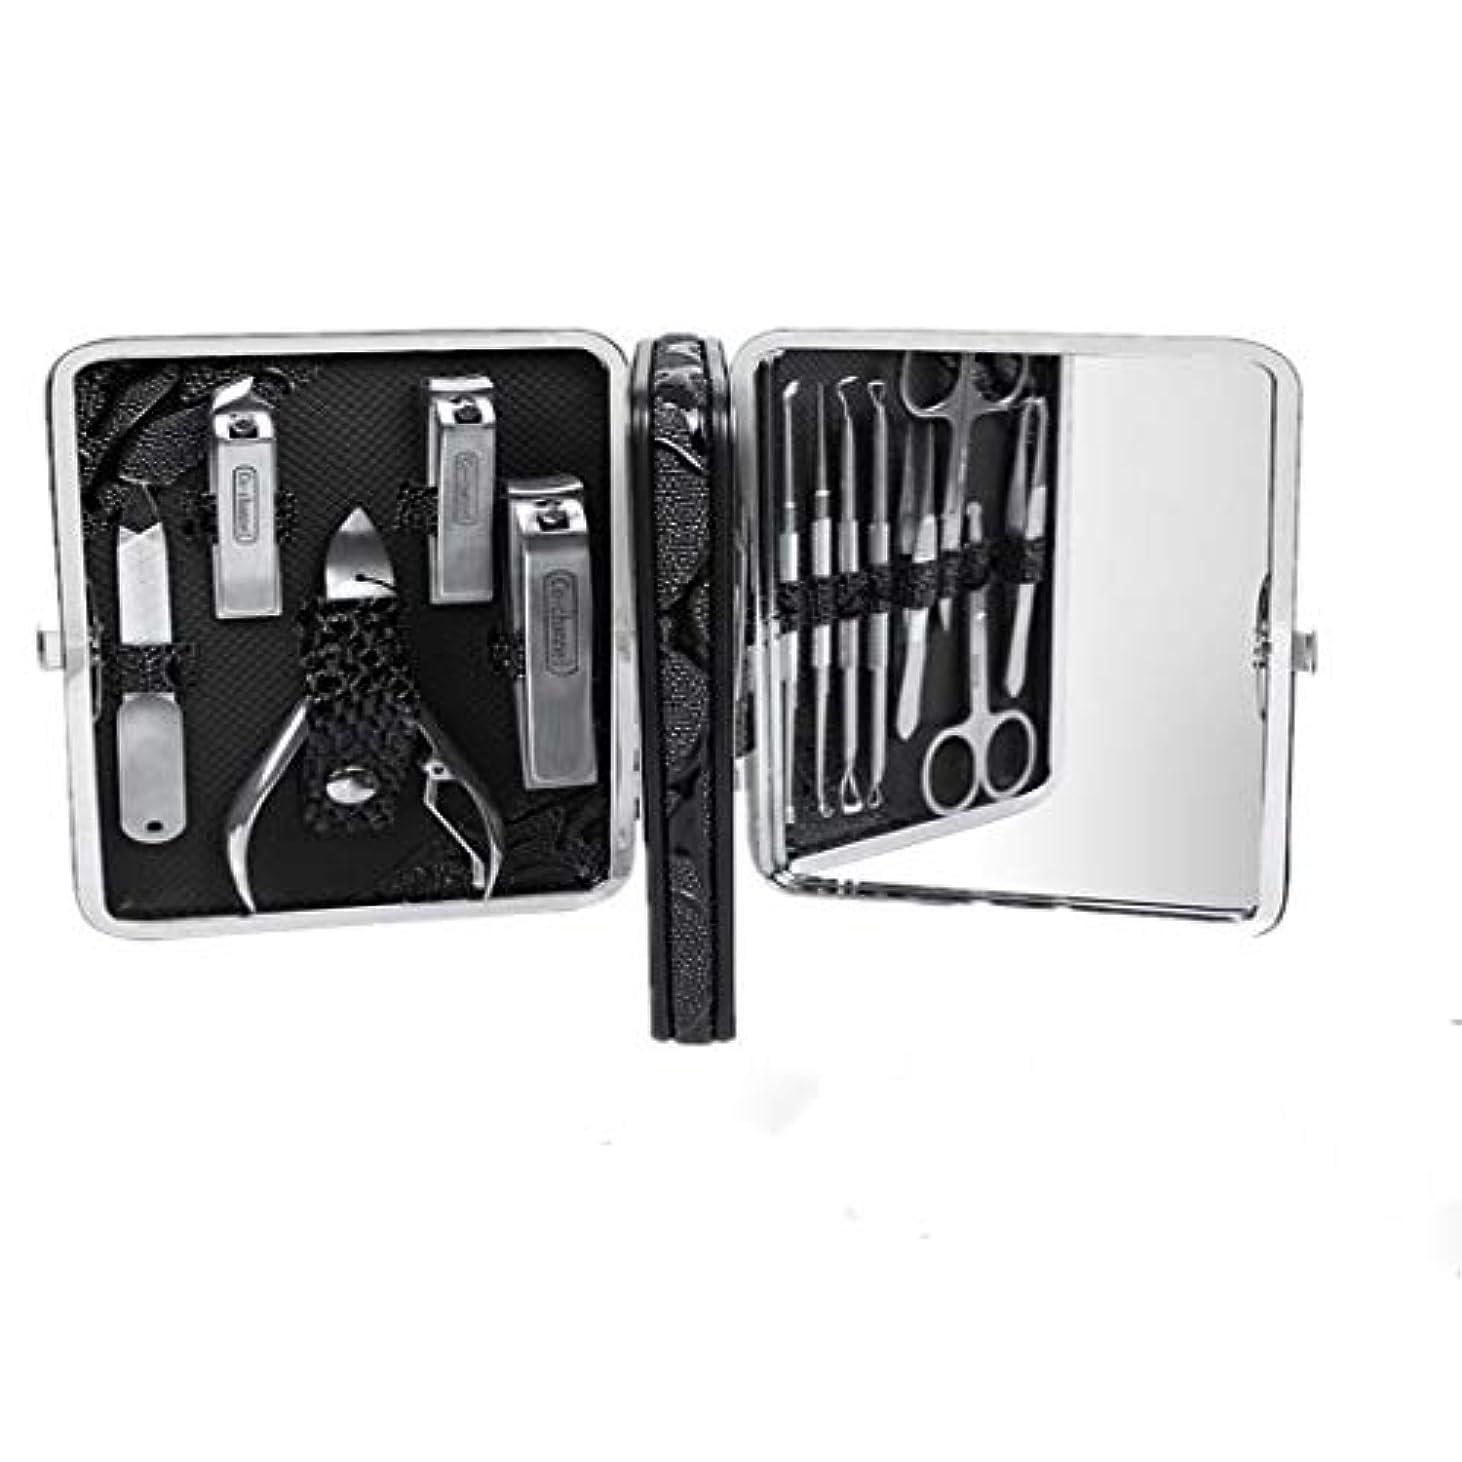 最悪服肉屋Kainuoo ネイルツールイーグルマウスペンチペディキュアツール、ネイルギフトミラーステンレススチールネイルツールセット、ネイルセット21個、1袋 (Color : Bright black)